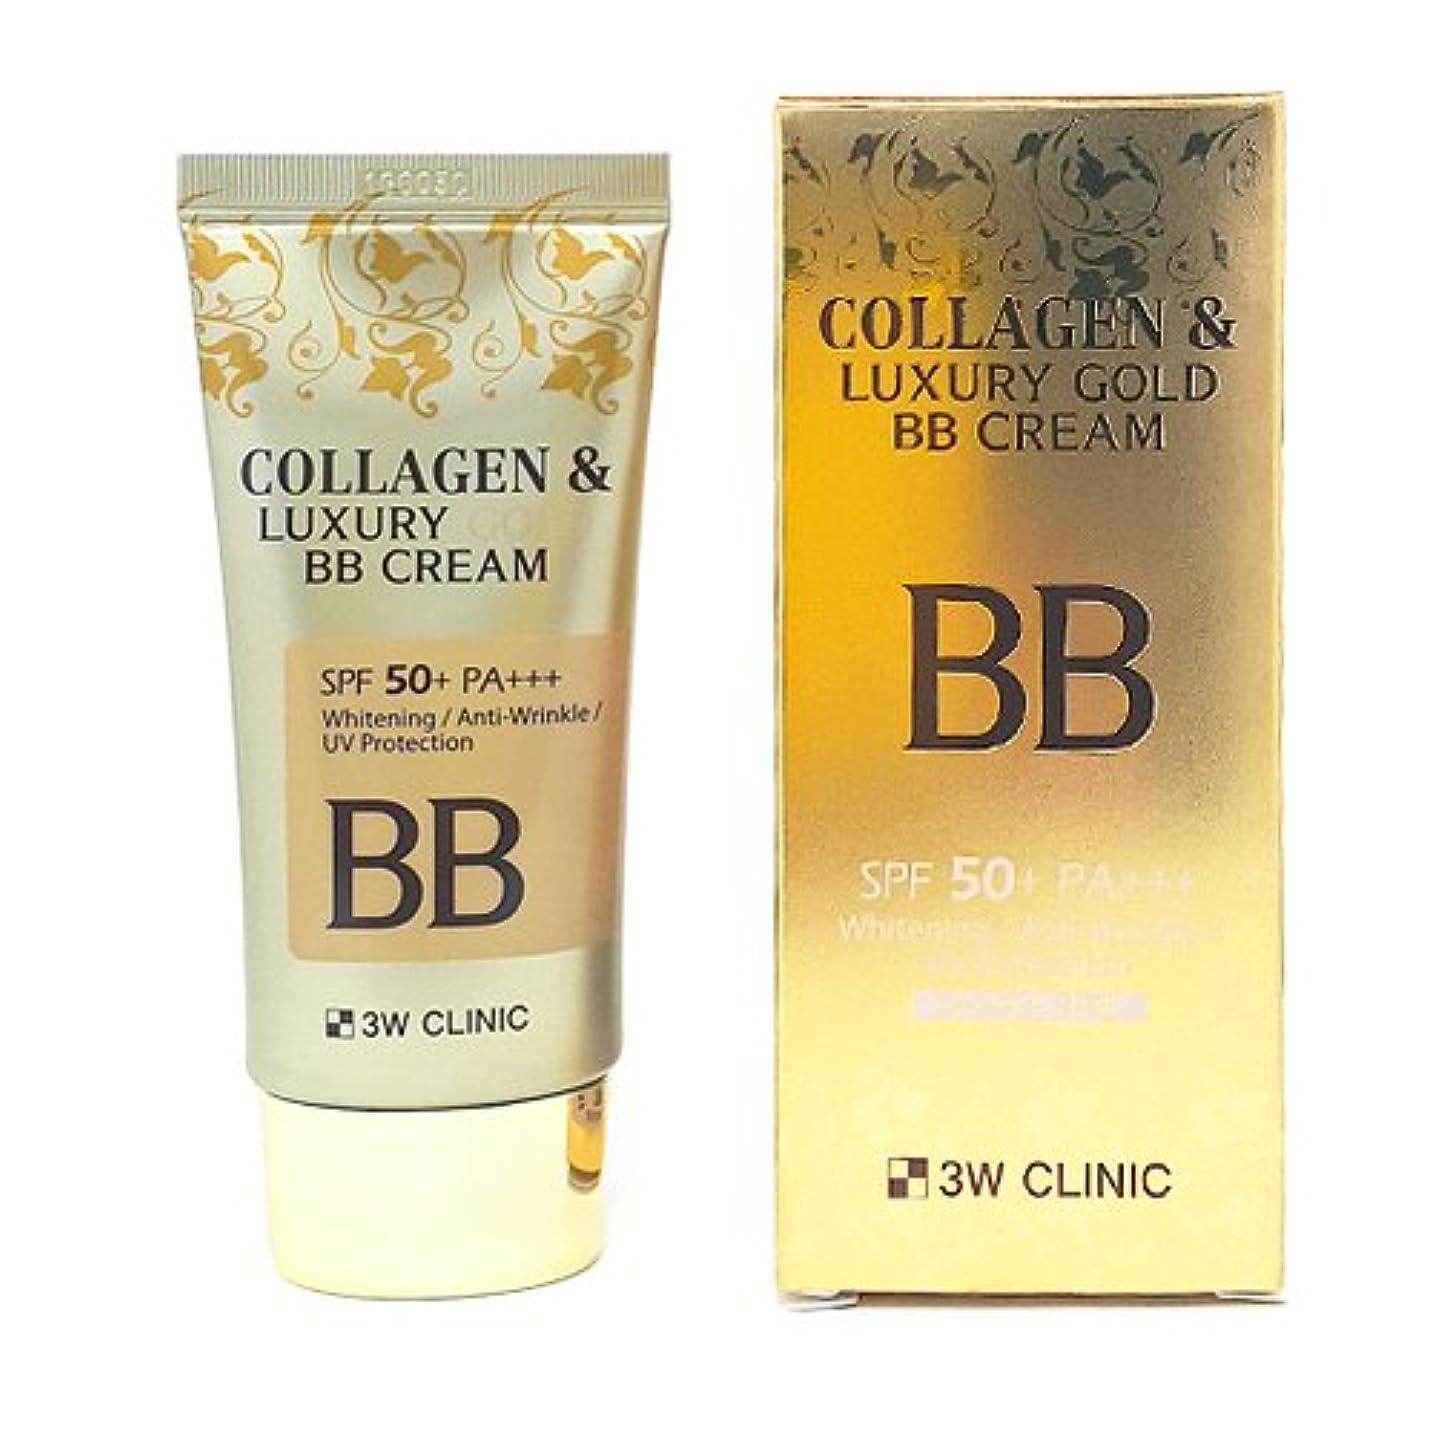 証拠悲劇的な寄託3Wクリニック[韓国コスメ3w Clinic]Collagen & Luxury Gold BB Cream コラーゲンラグジュアリーゴールド BBクリーム50ml 50+/PA+++[並行輸入品]